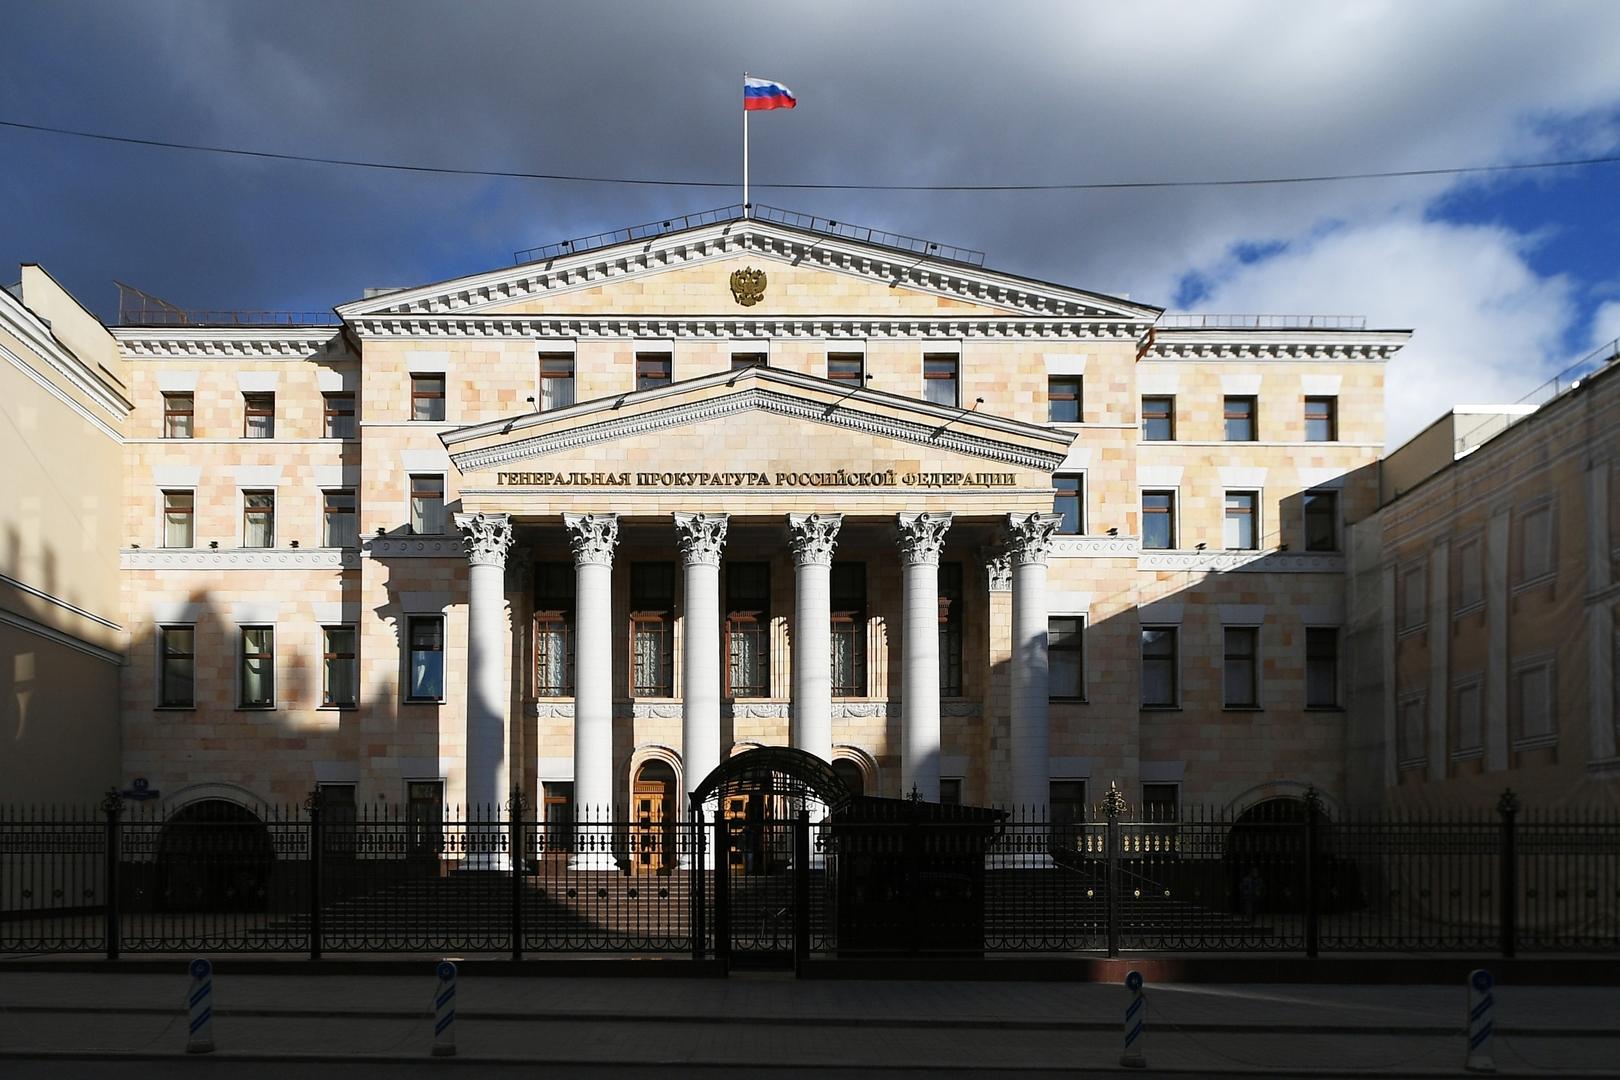 روسيا تصنف 6 منظمات أمريكية و1 بريطانية غير مرغوب فيها